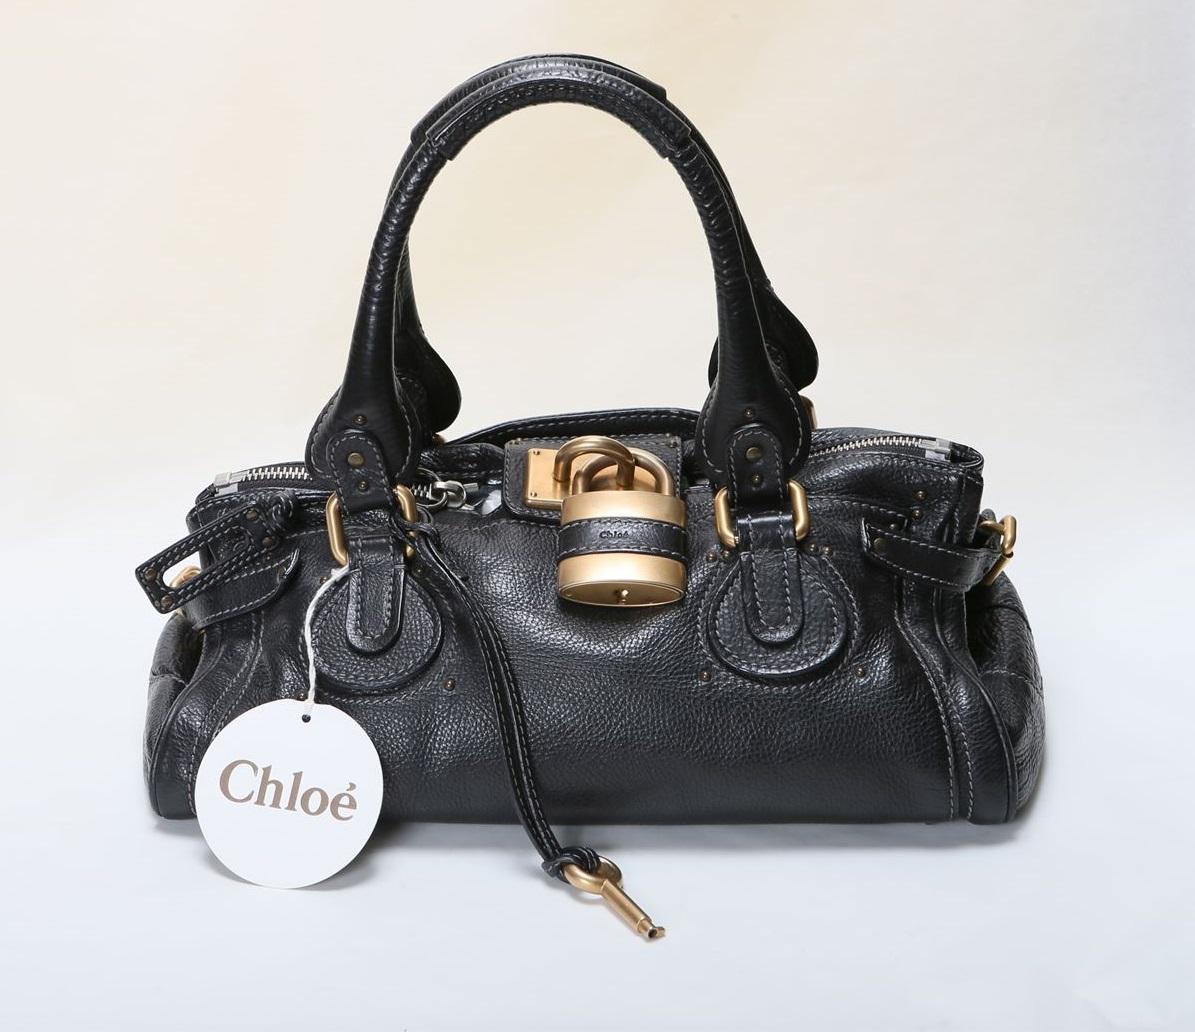 クロエ Chloe パディントン ハンドバッグ トートバッグ ブラック 黒 【トレジャースポット】【中古】